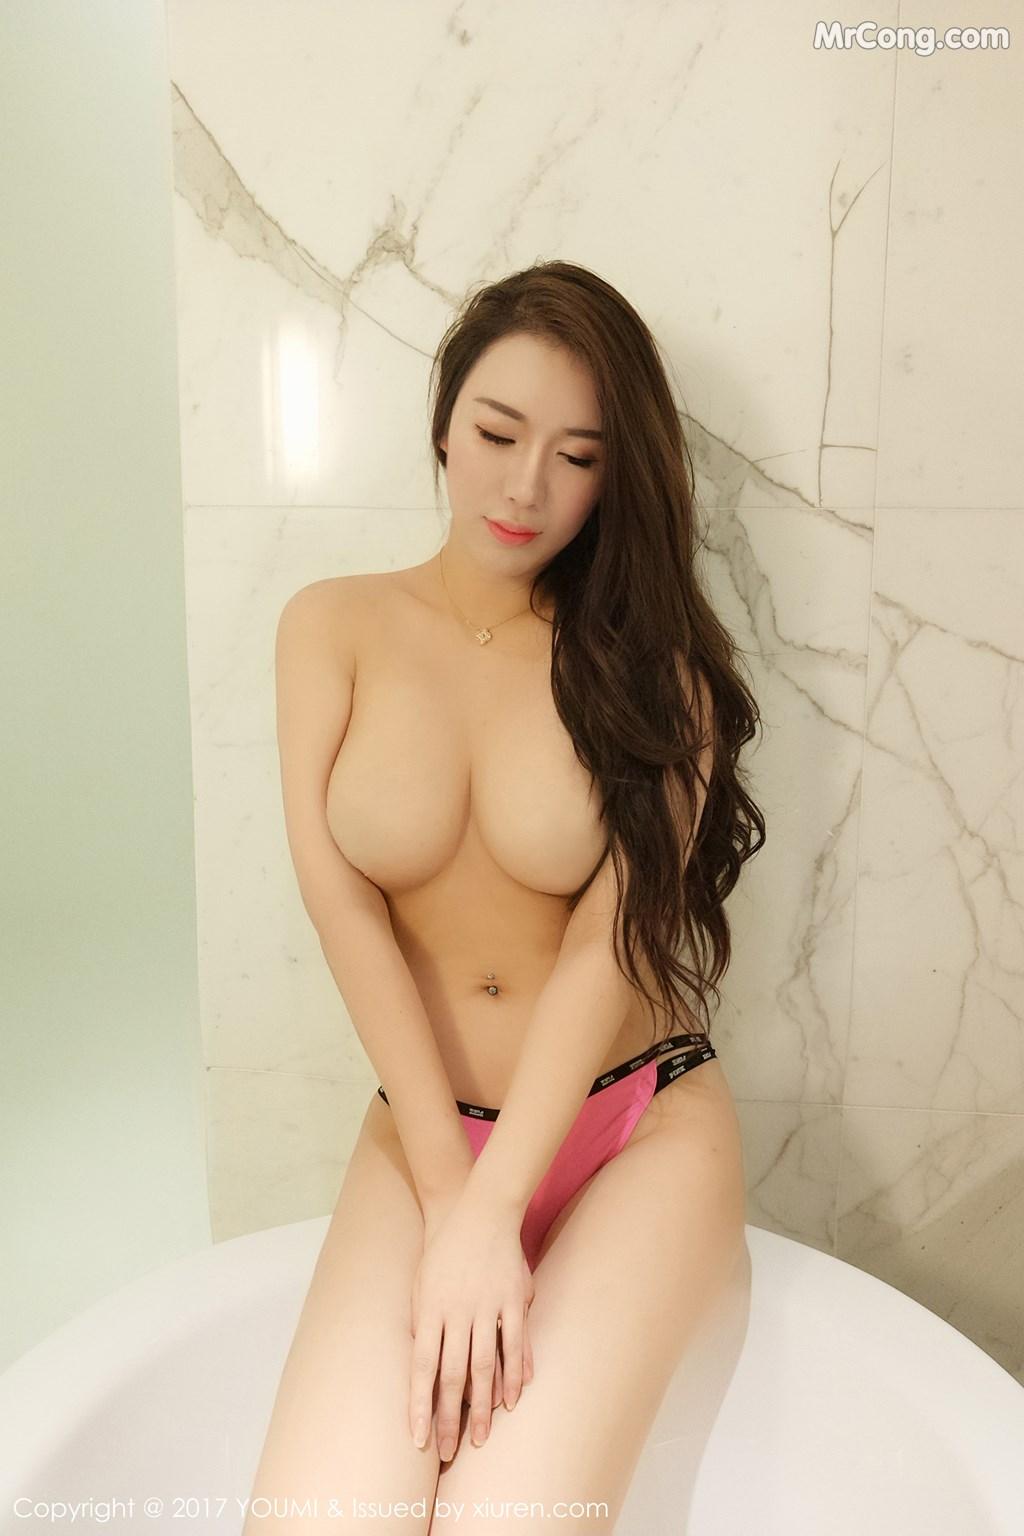 Image YouMi-Vol.076-egg-MrCong.com-030 in post YouMi Vol.076: Người mẫu 蛋蛋_egg (41 ảnh)